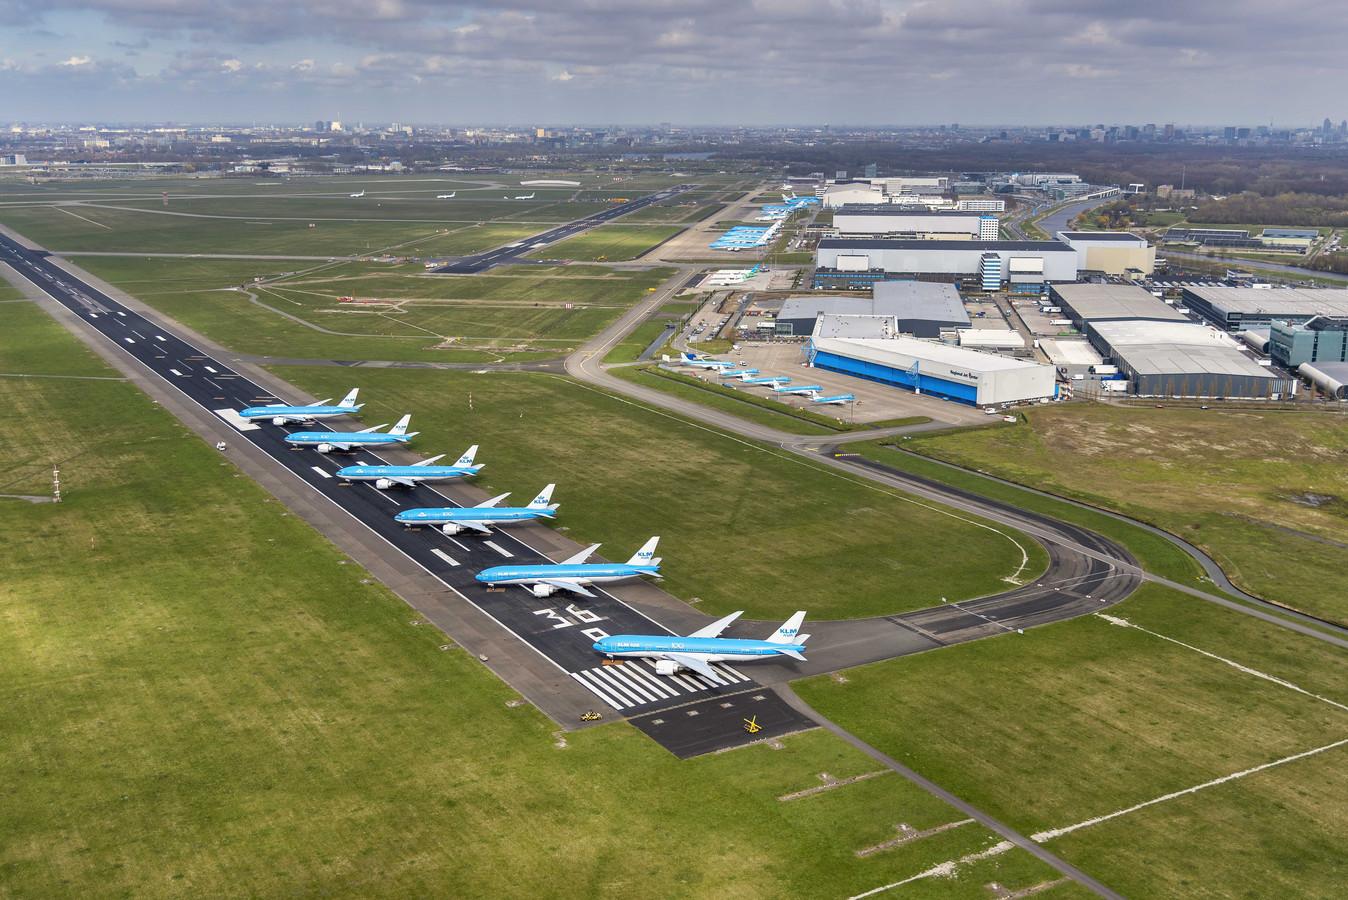 2020-04-02 15:26:10 SCHIPHOL - Luchtfoto van vliegtuigen van KLM die geparkeerd staan op de Aalsmeerbaan. Omdat het vliegverkeer door het coronavirus grotendeels plat ligt is er behoefte aan extra parkeerruimte voor vliegtuigen.